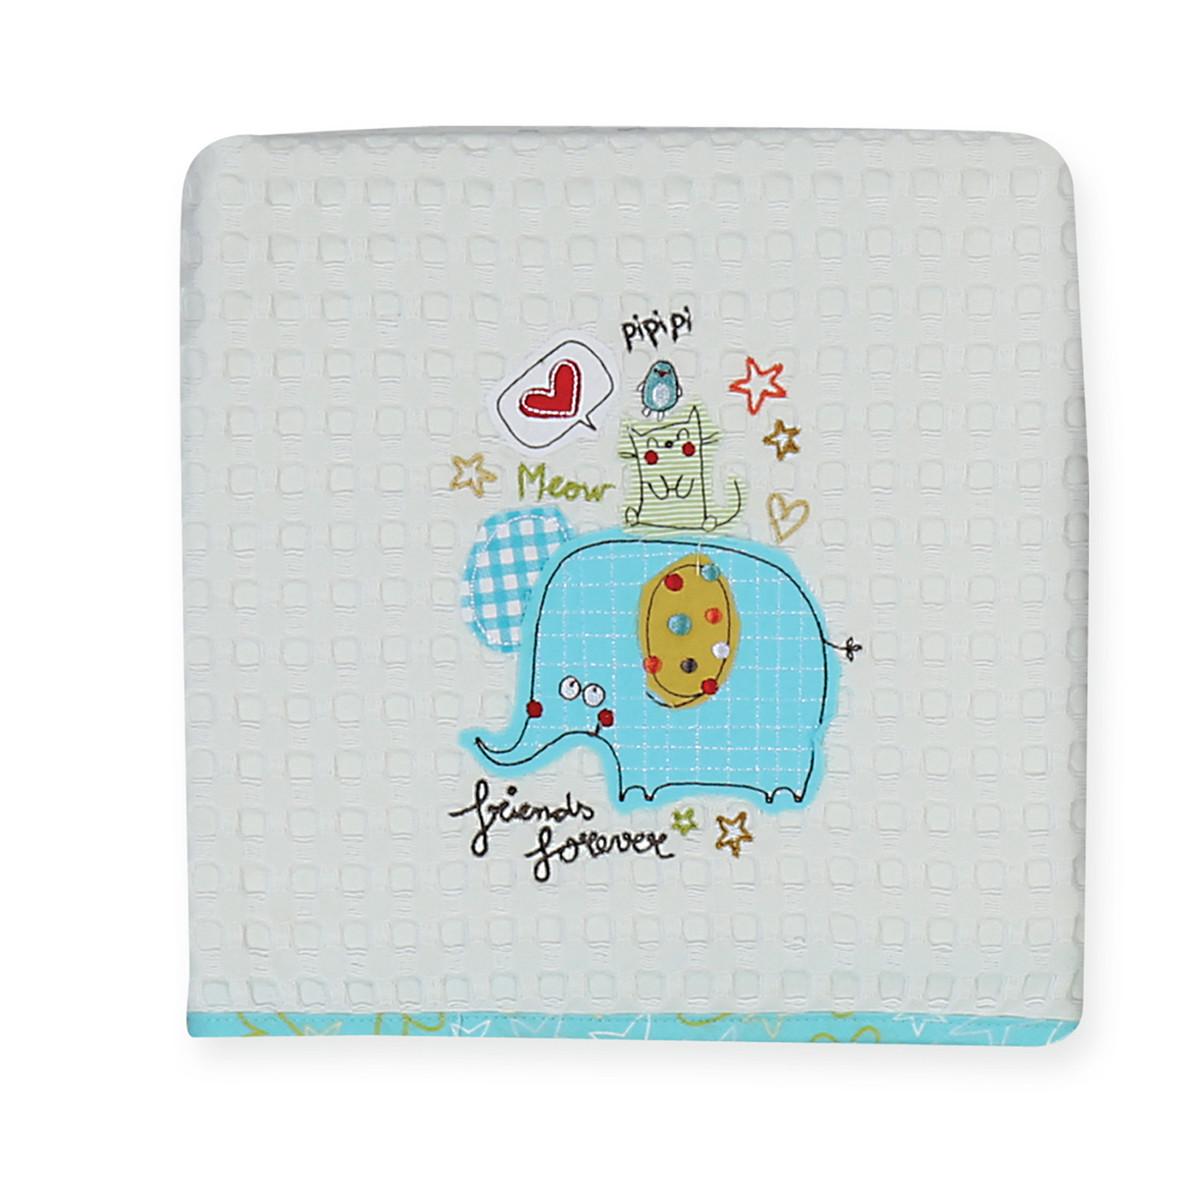 Κουβέρτα Πικέ Αγκαλιάς Nef-Nef 3 Friends home   βρεφικά   κουβέρτες βρεφικές   κουβέρτες καλοκαιρινές